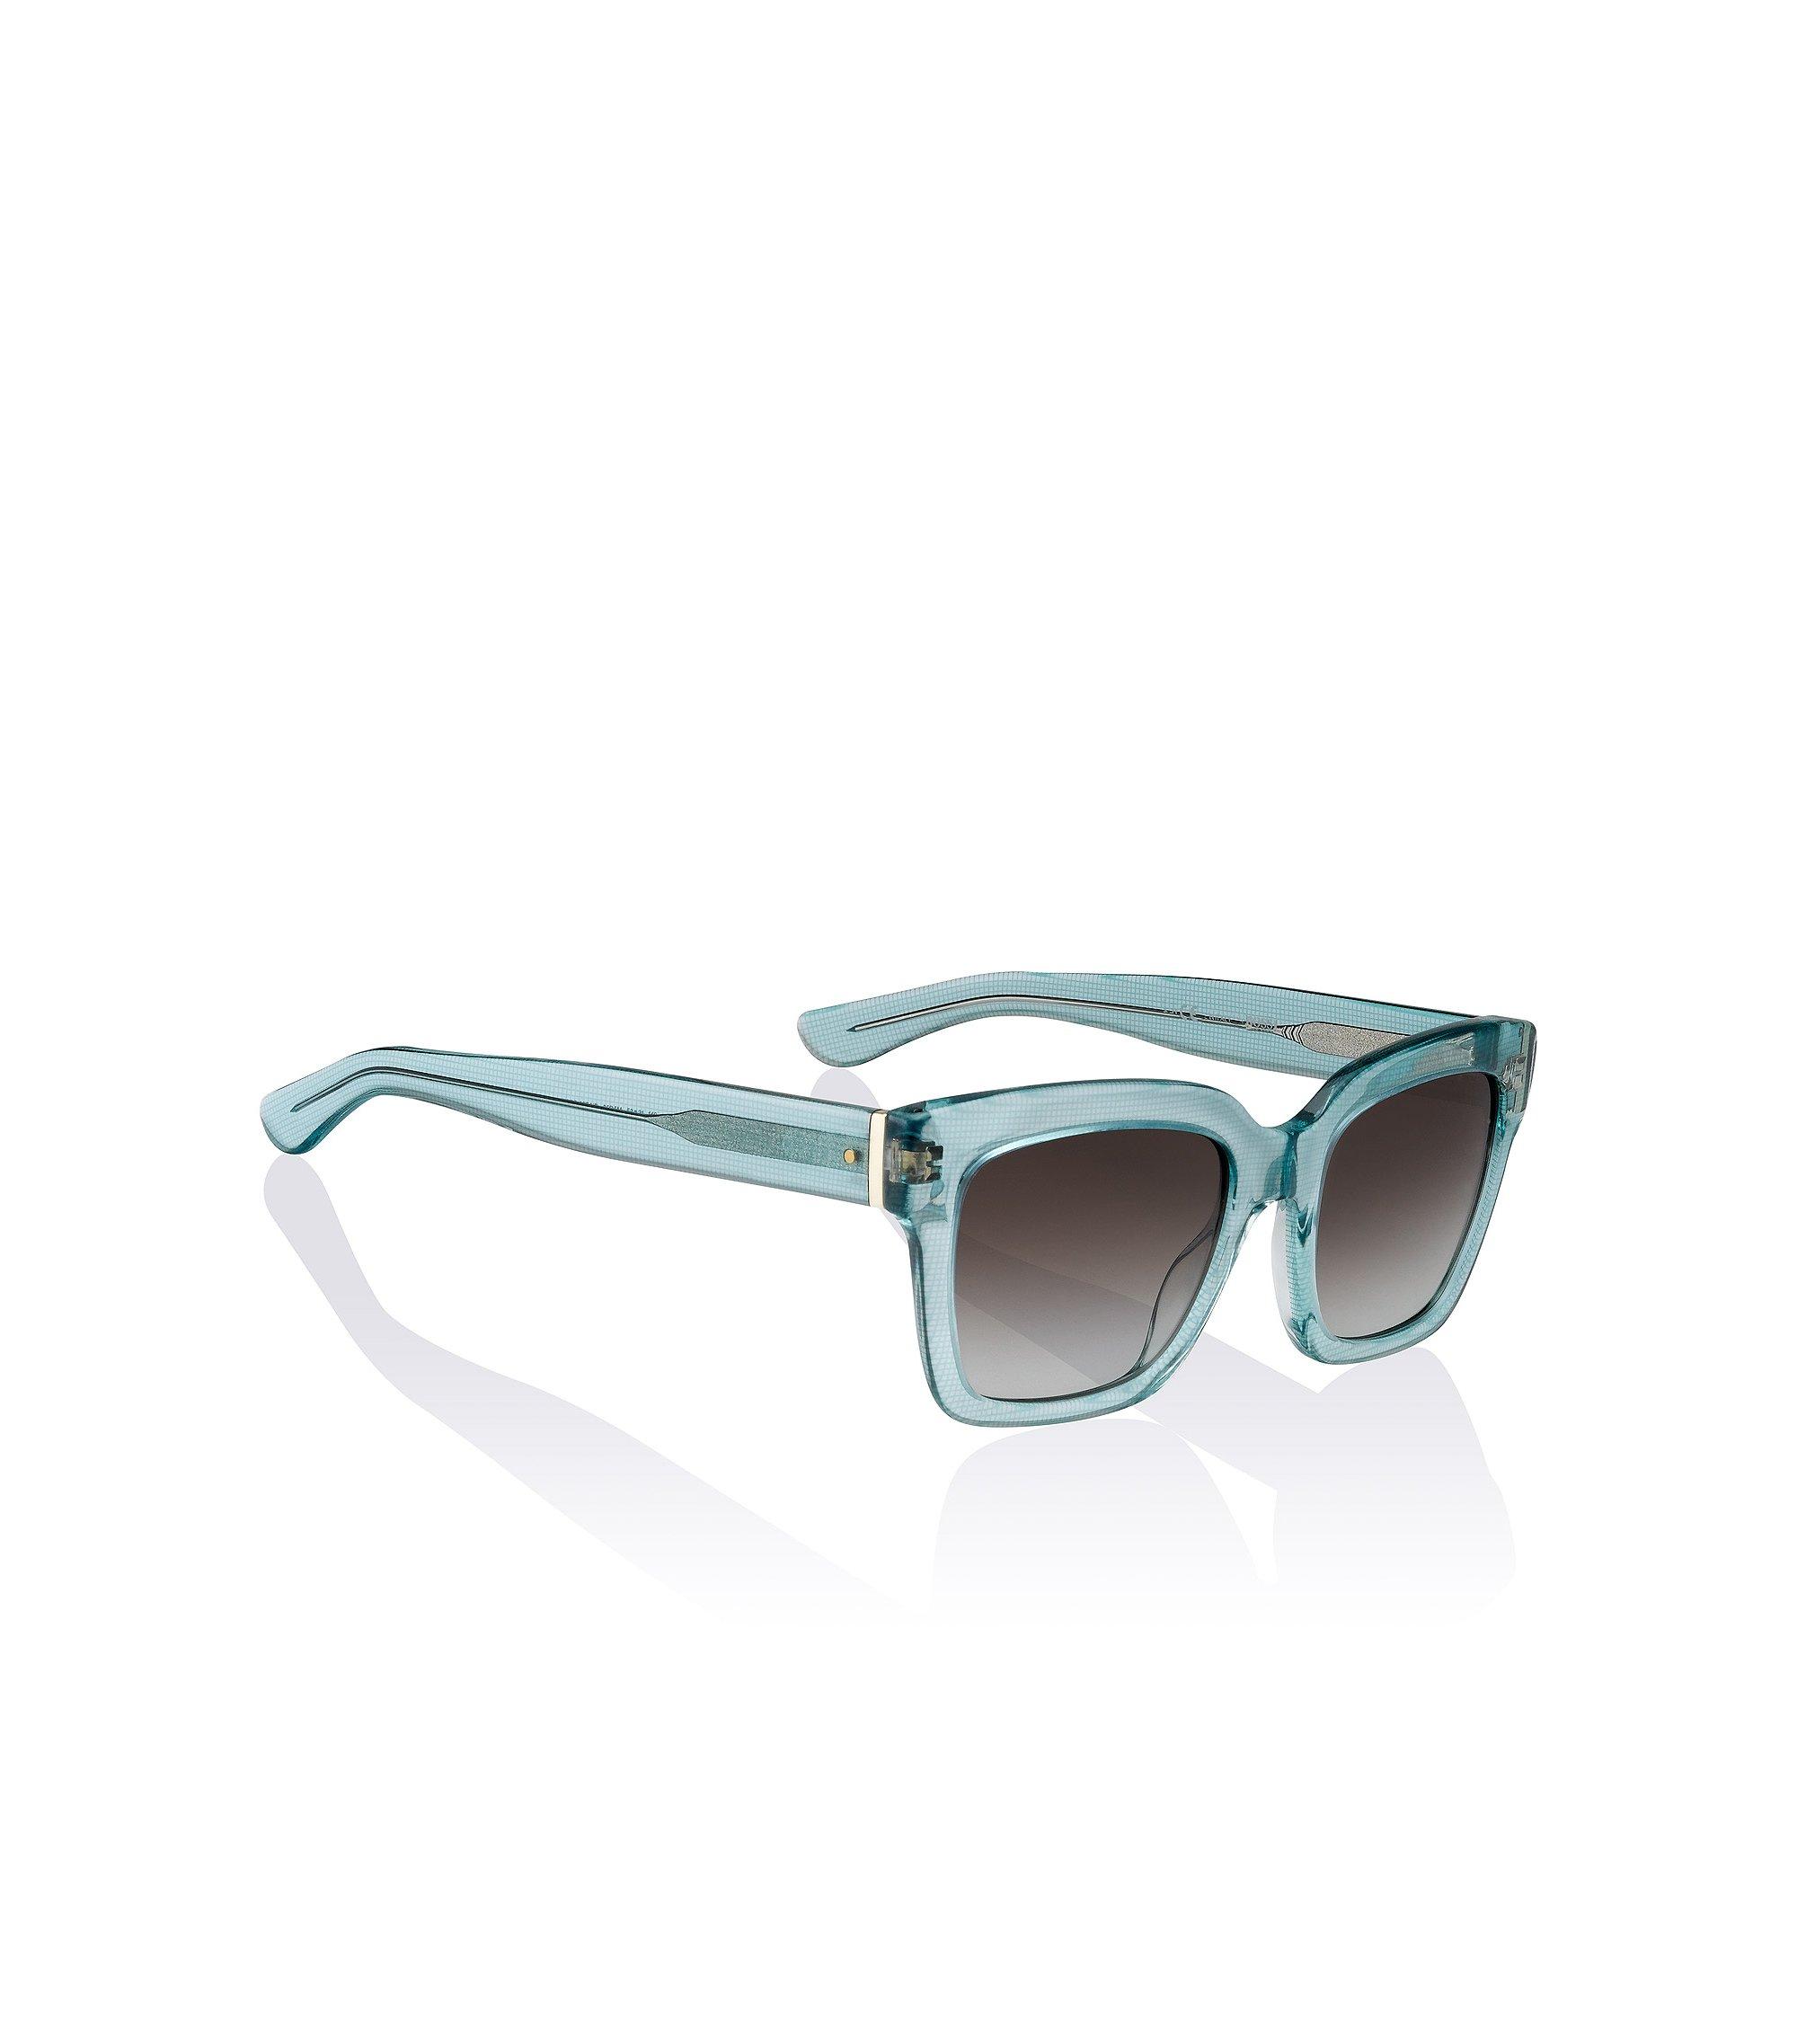 Wayfarer-Sonnenbrille ´BOSS 0674` aus Acetat und Metall, Assorted-Pre-Pack